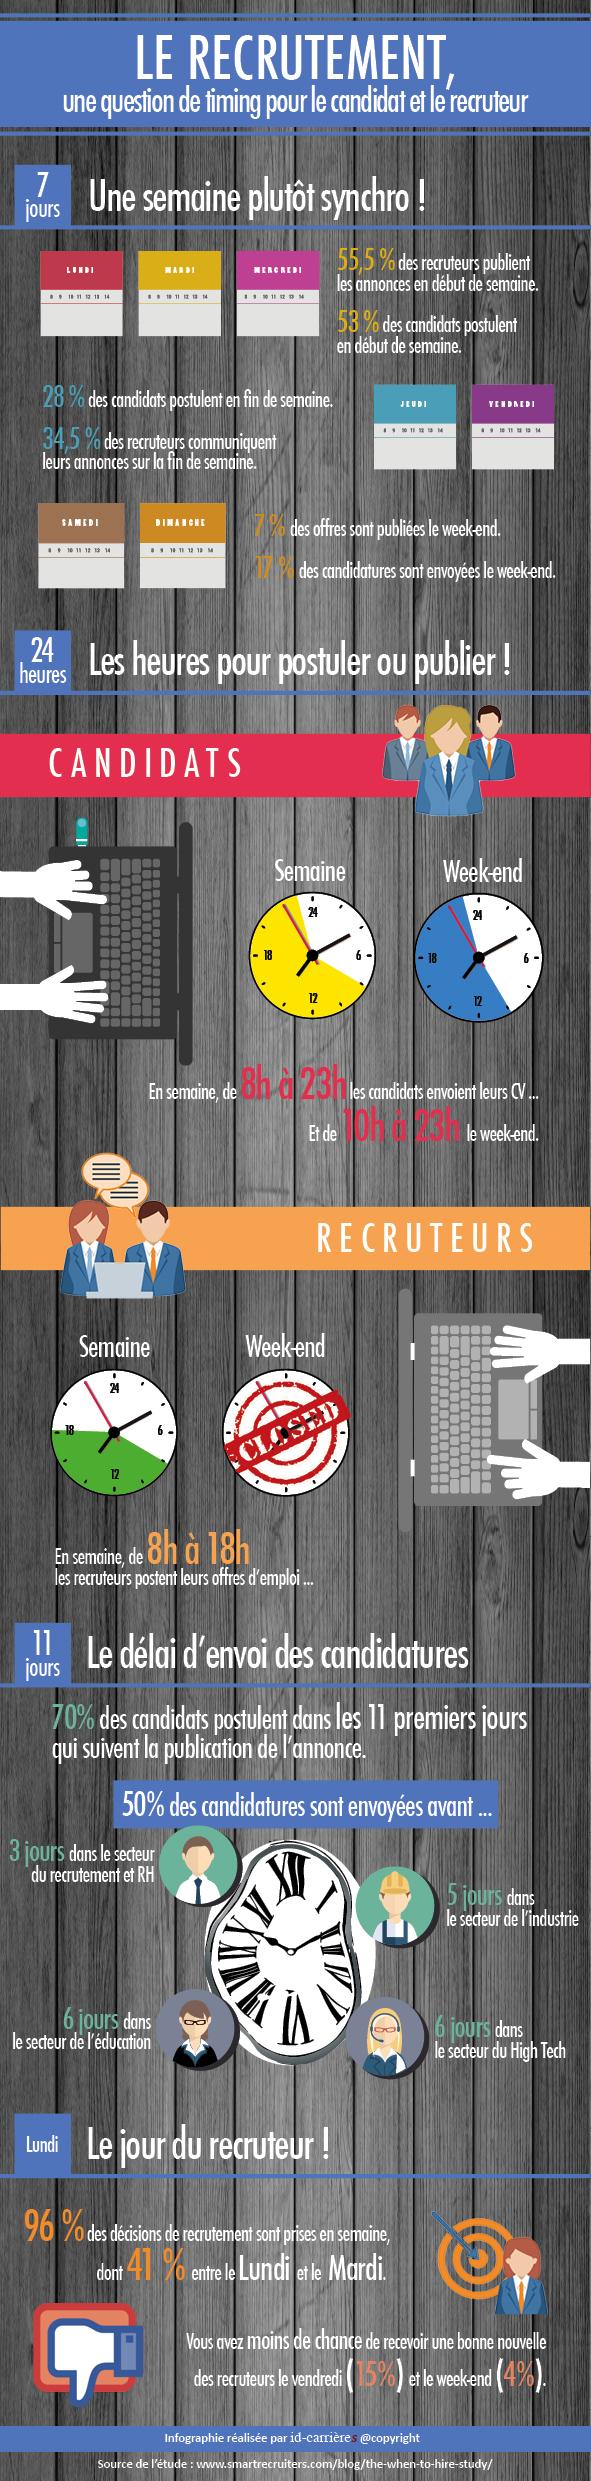 Le recrutement est aussi une question de temps